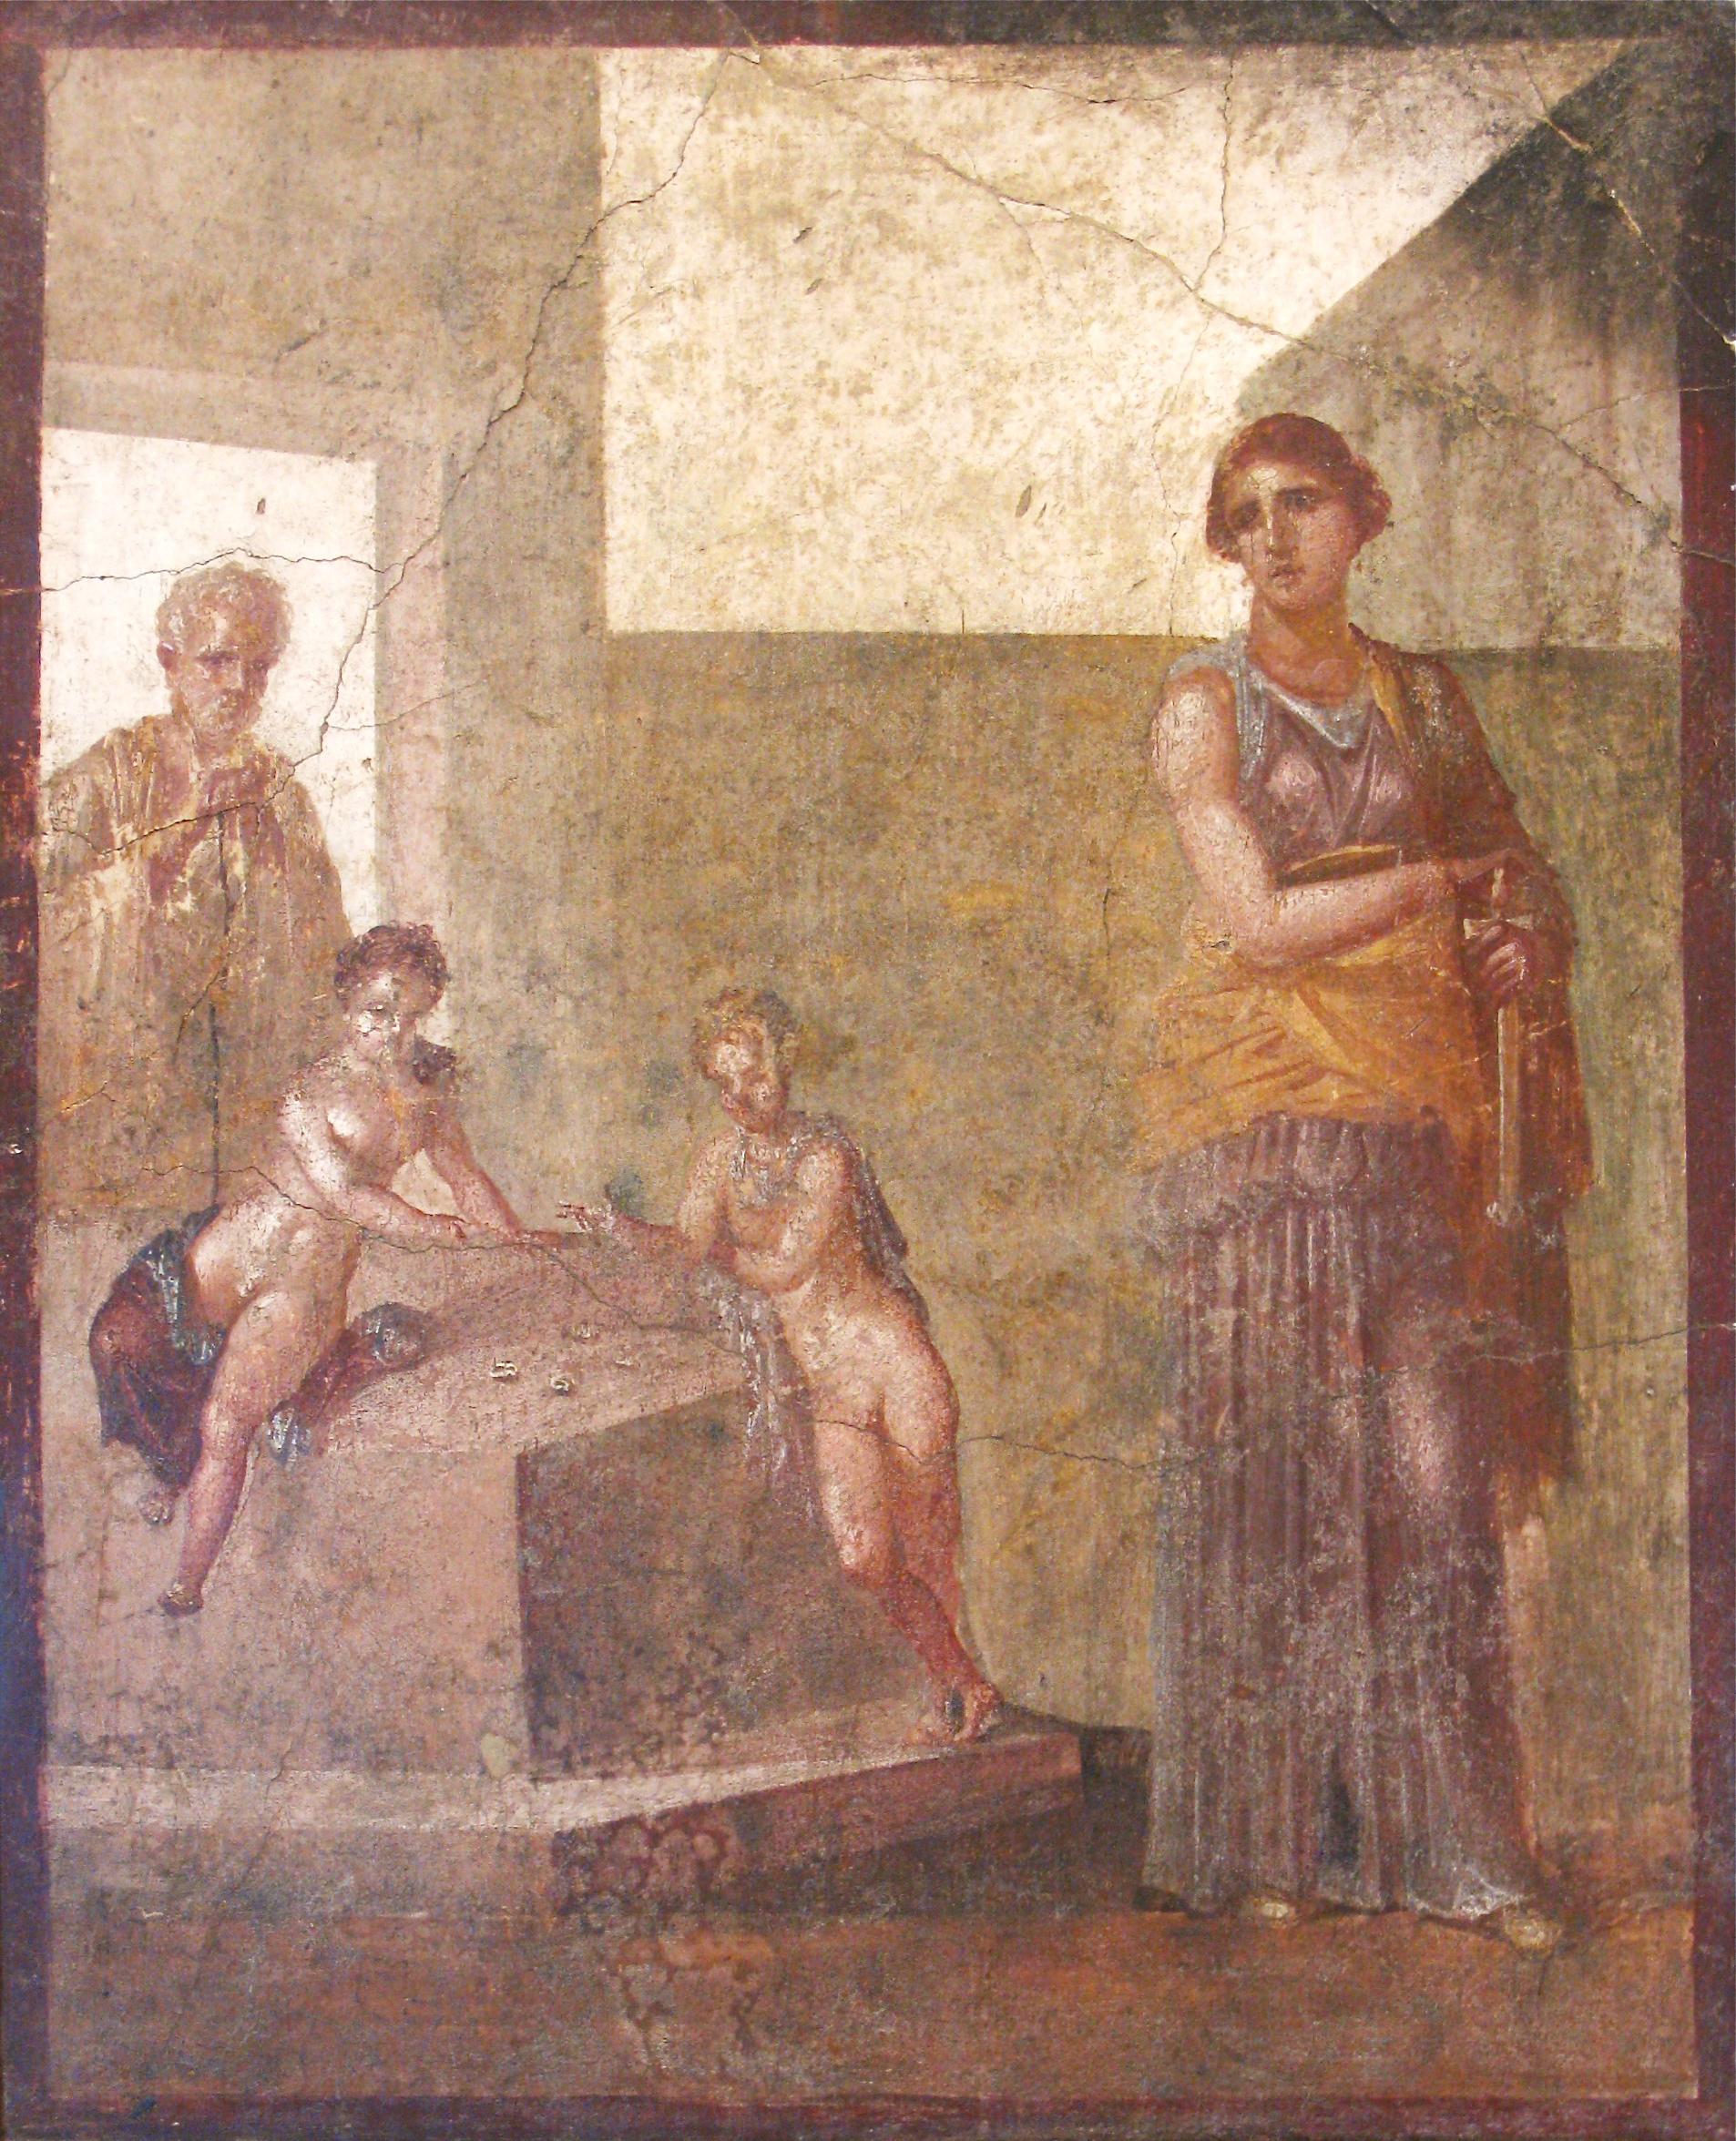 Αποτέλεσμα εικόνας για medea pompeii